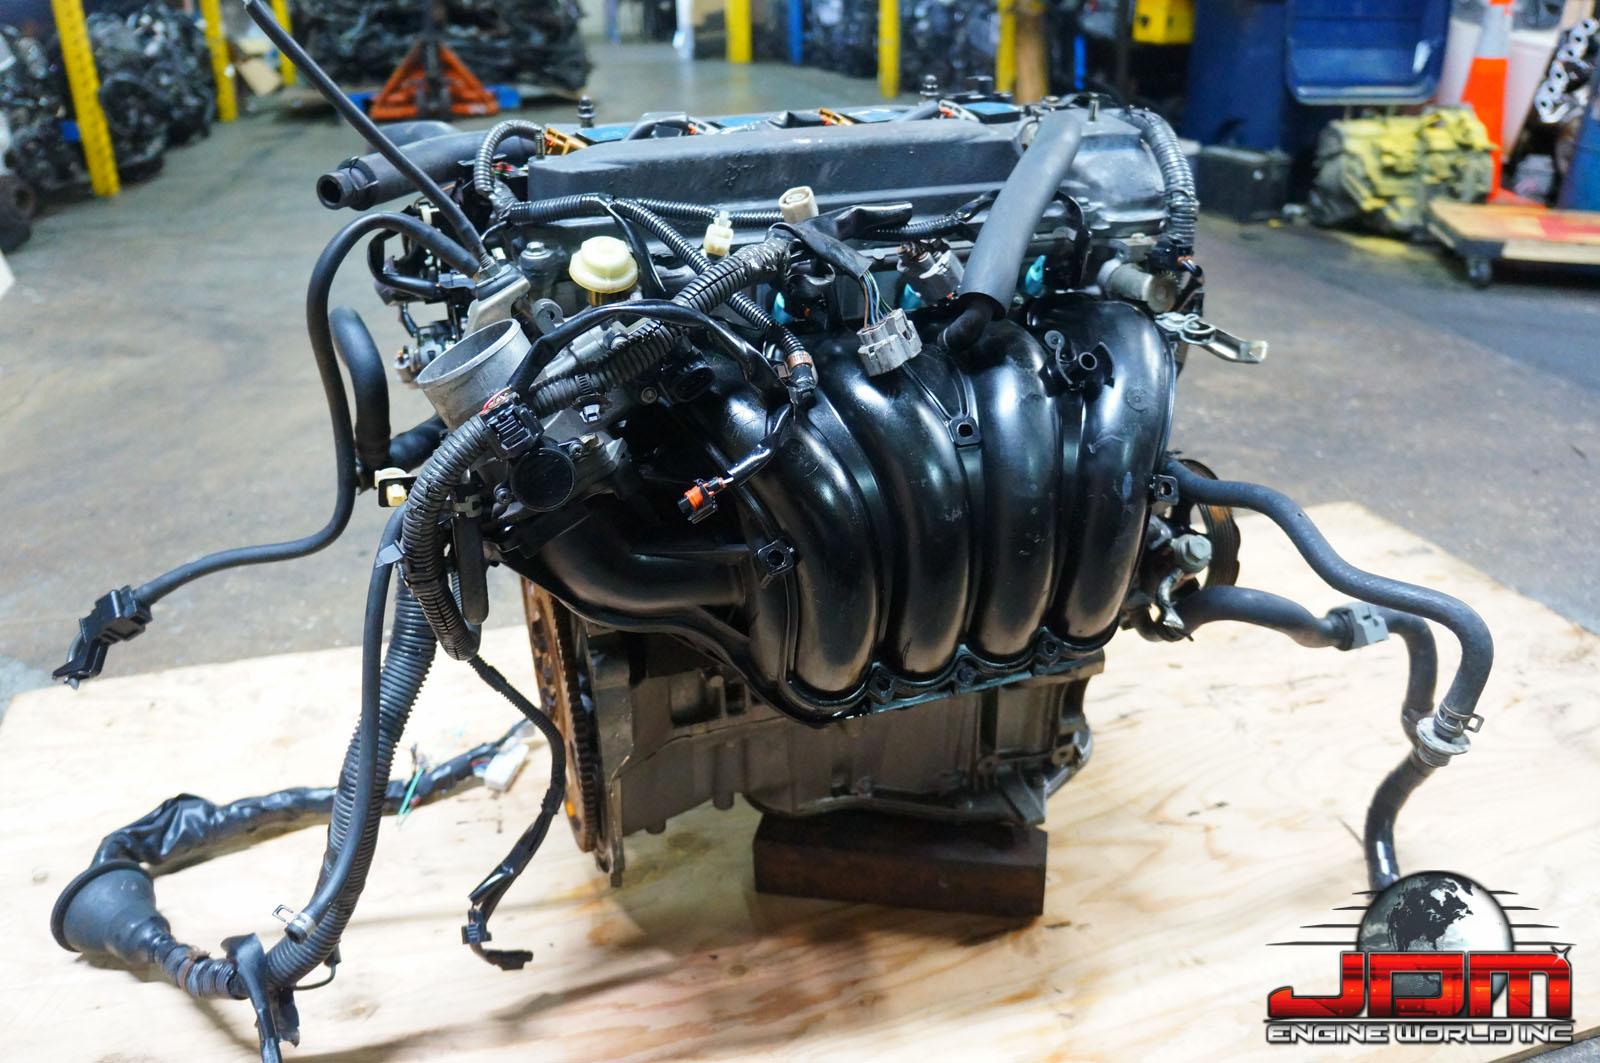 01-06 TOYOTA HIGHLANDER 2AZ-FE ENGINE 2.4L VVTi JDM 2AZ